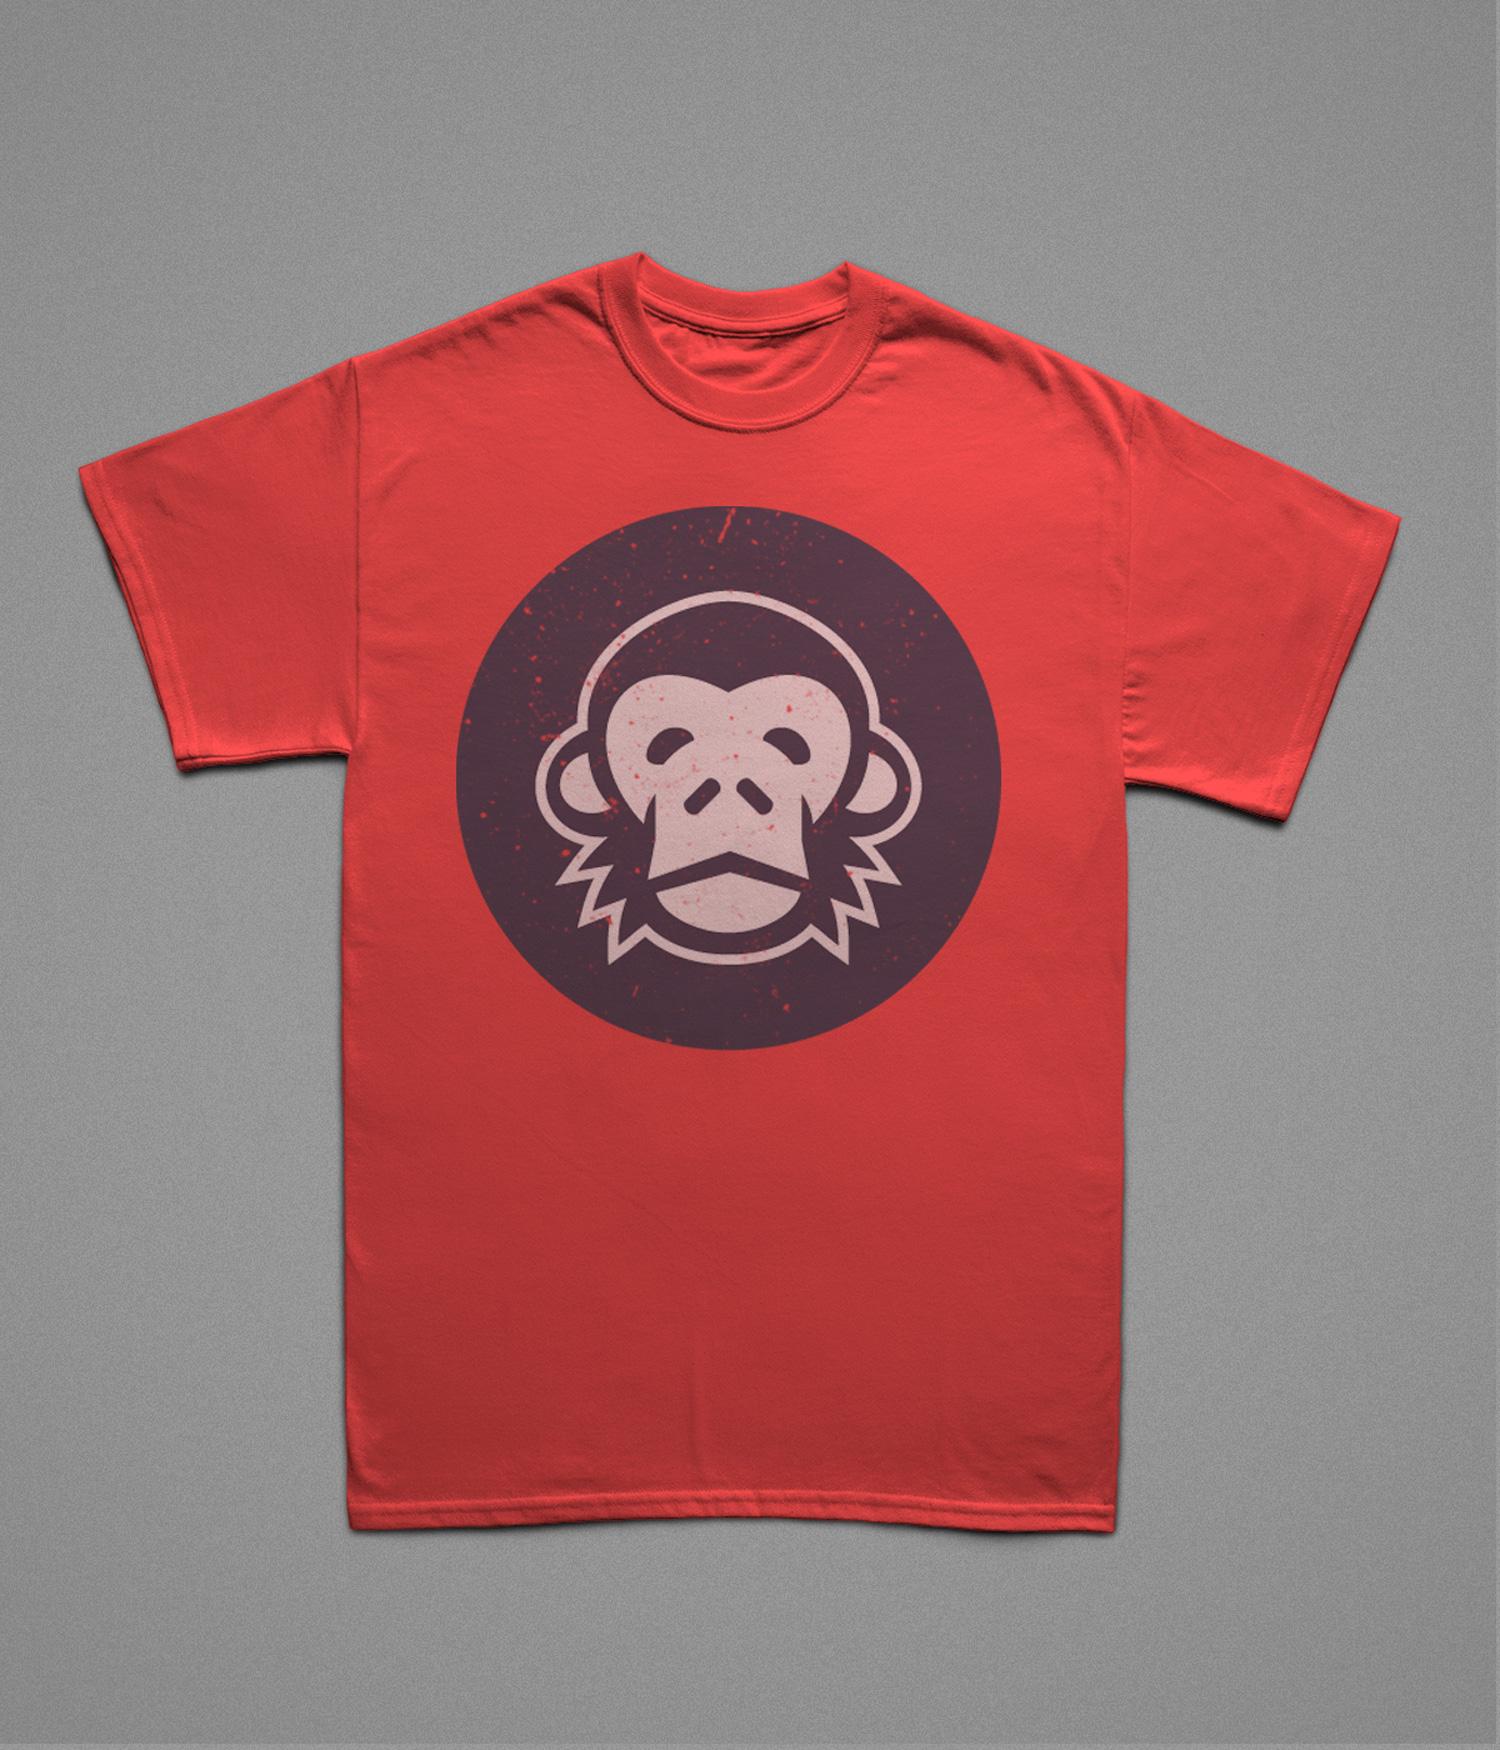 موکاپ تی شرت دخترانه و پسرانه شماره2